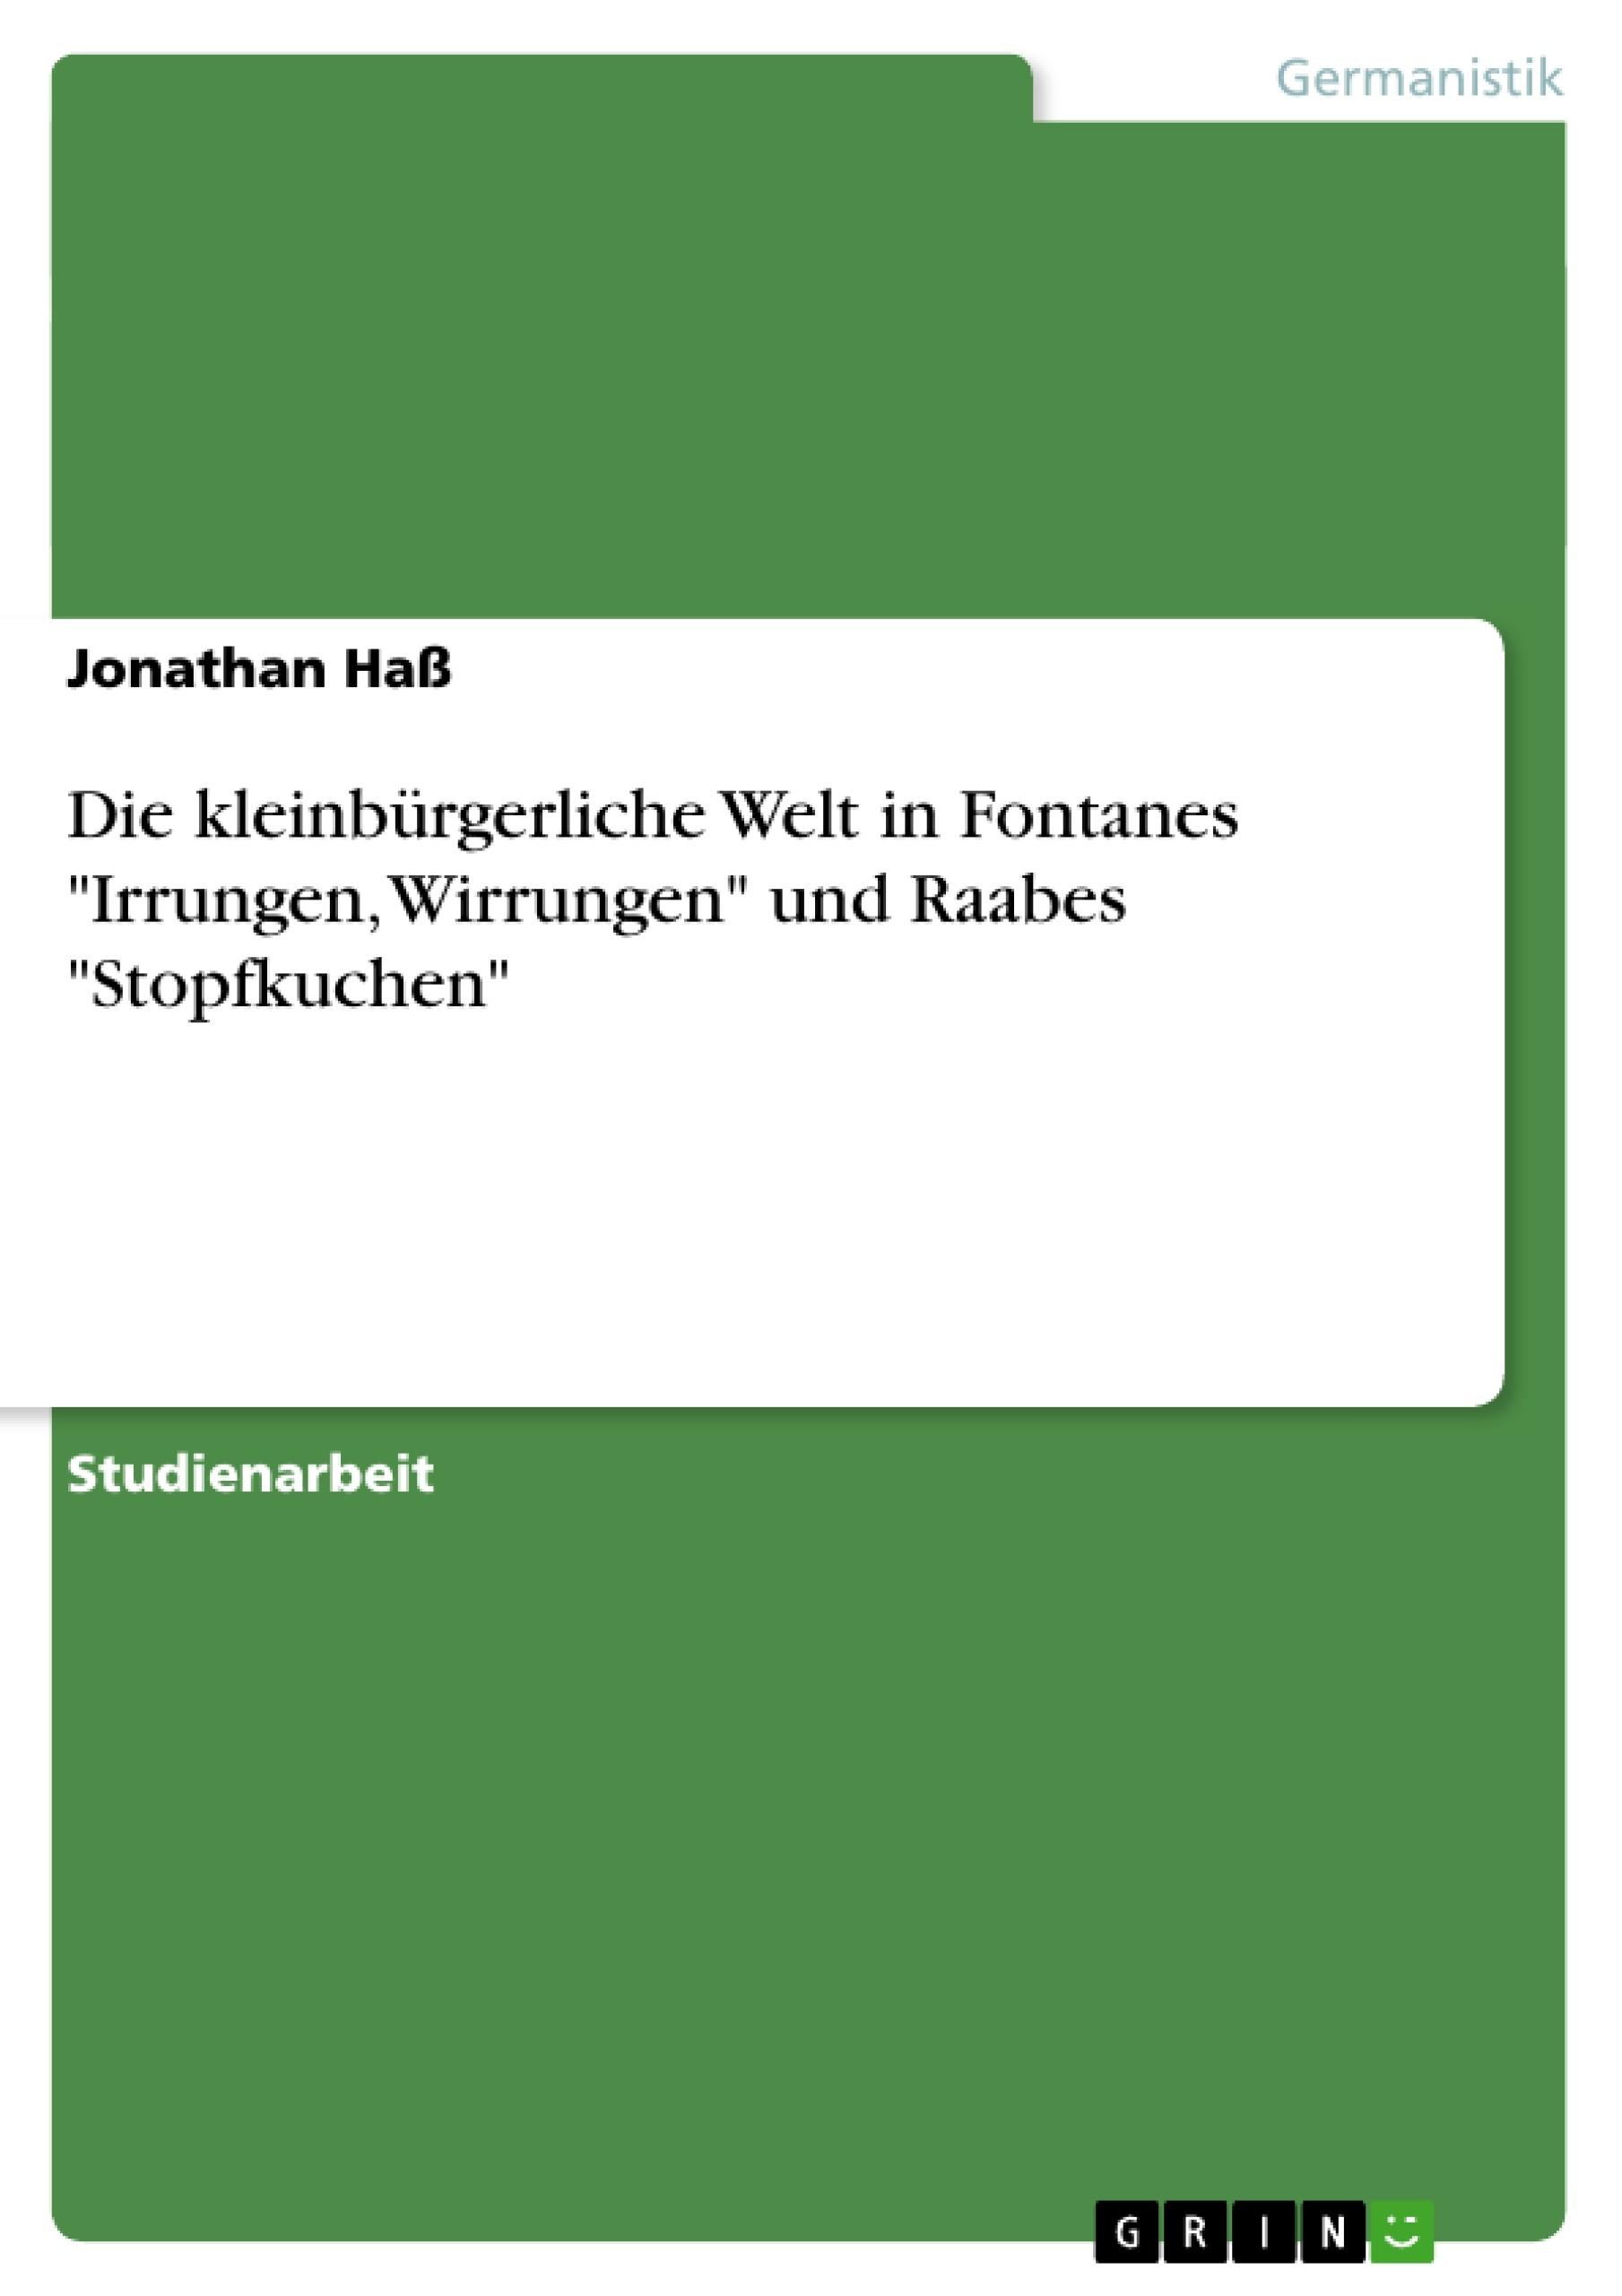 Theodor Fontane irrungen wirrungen interpretation